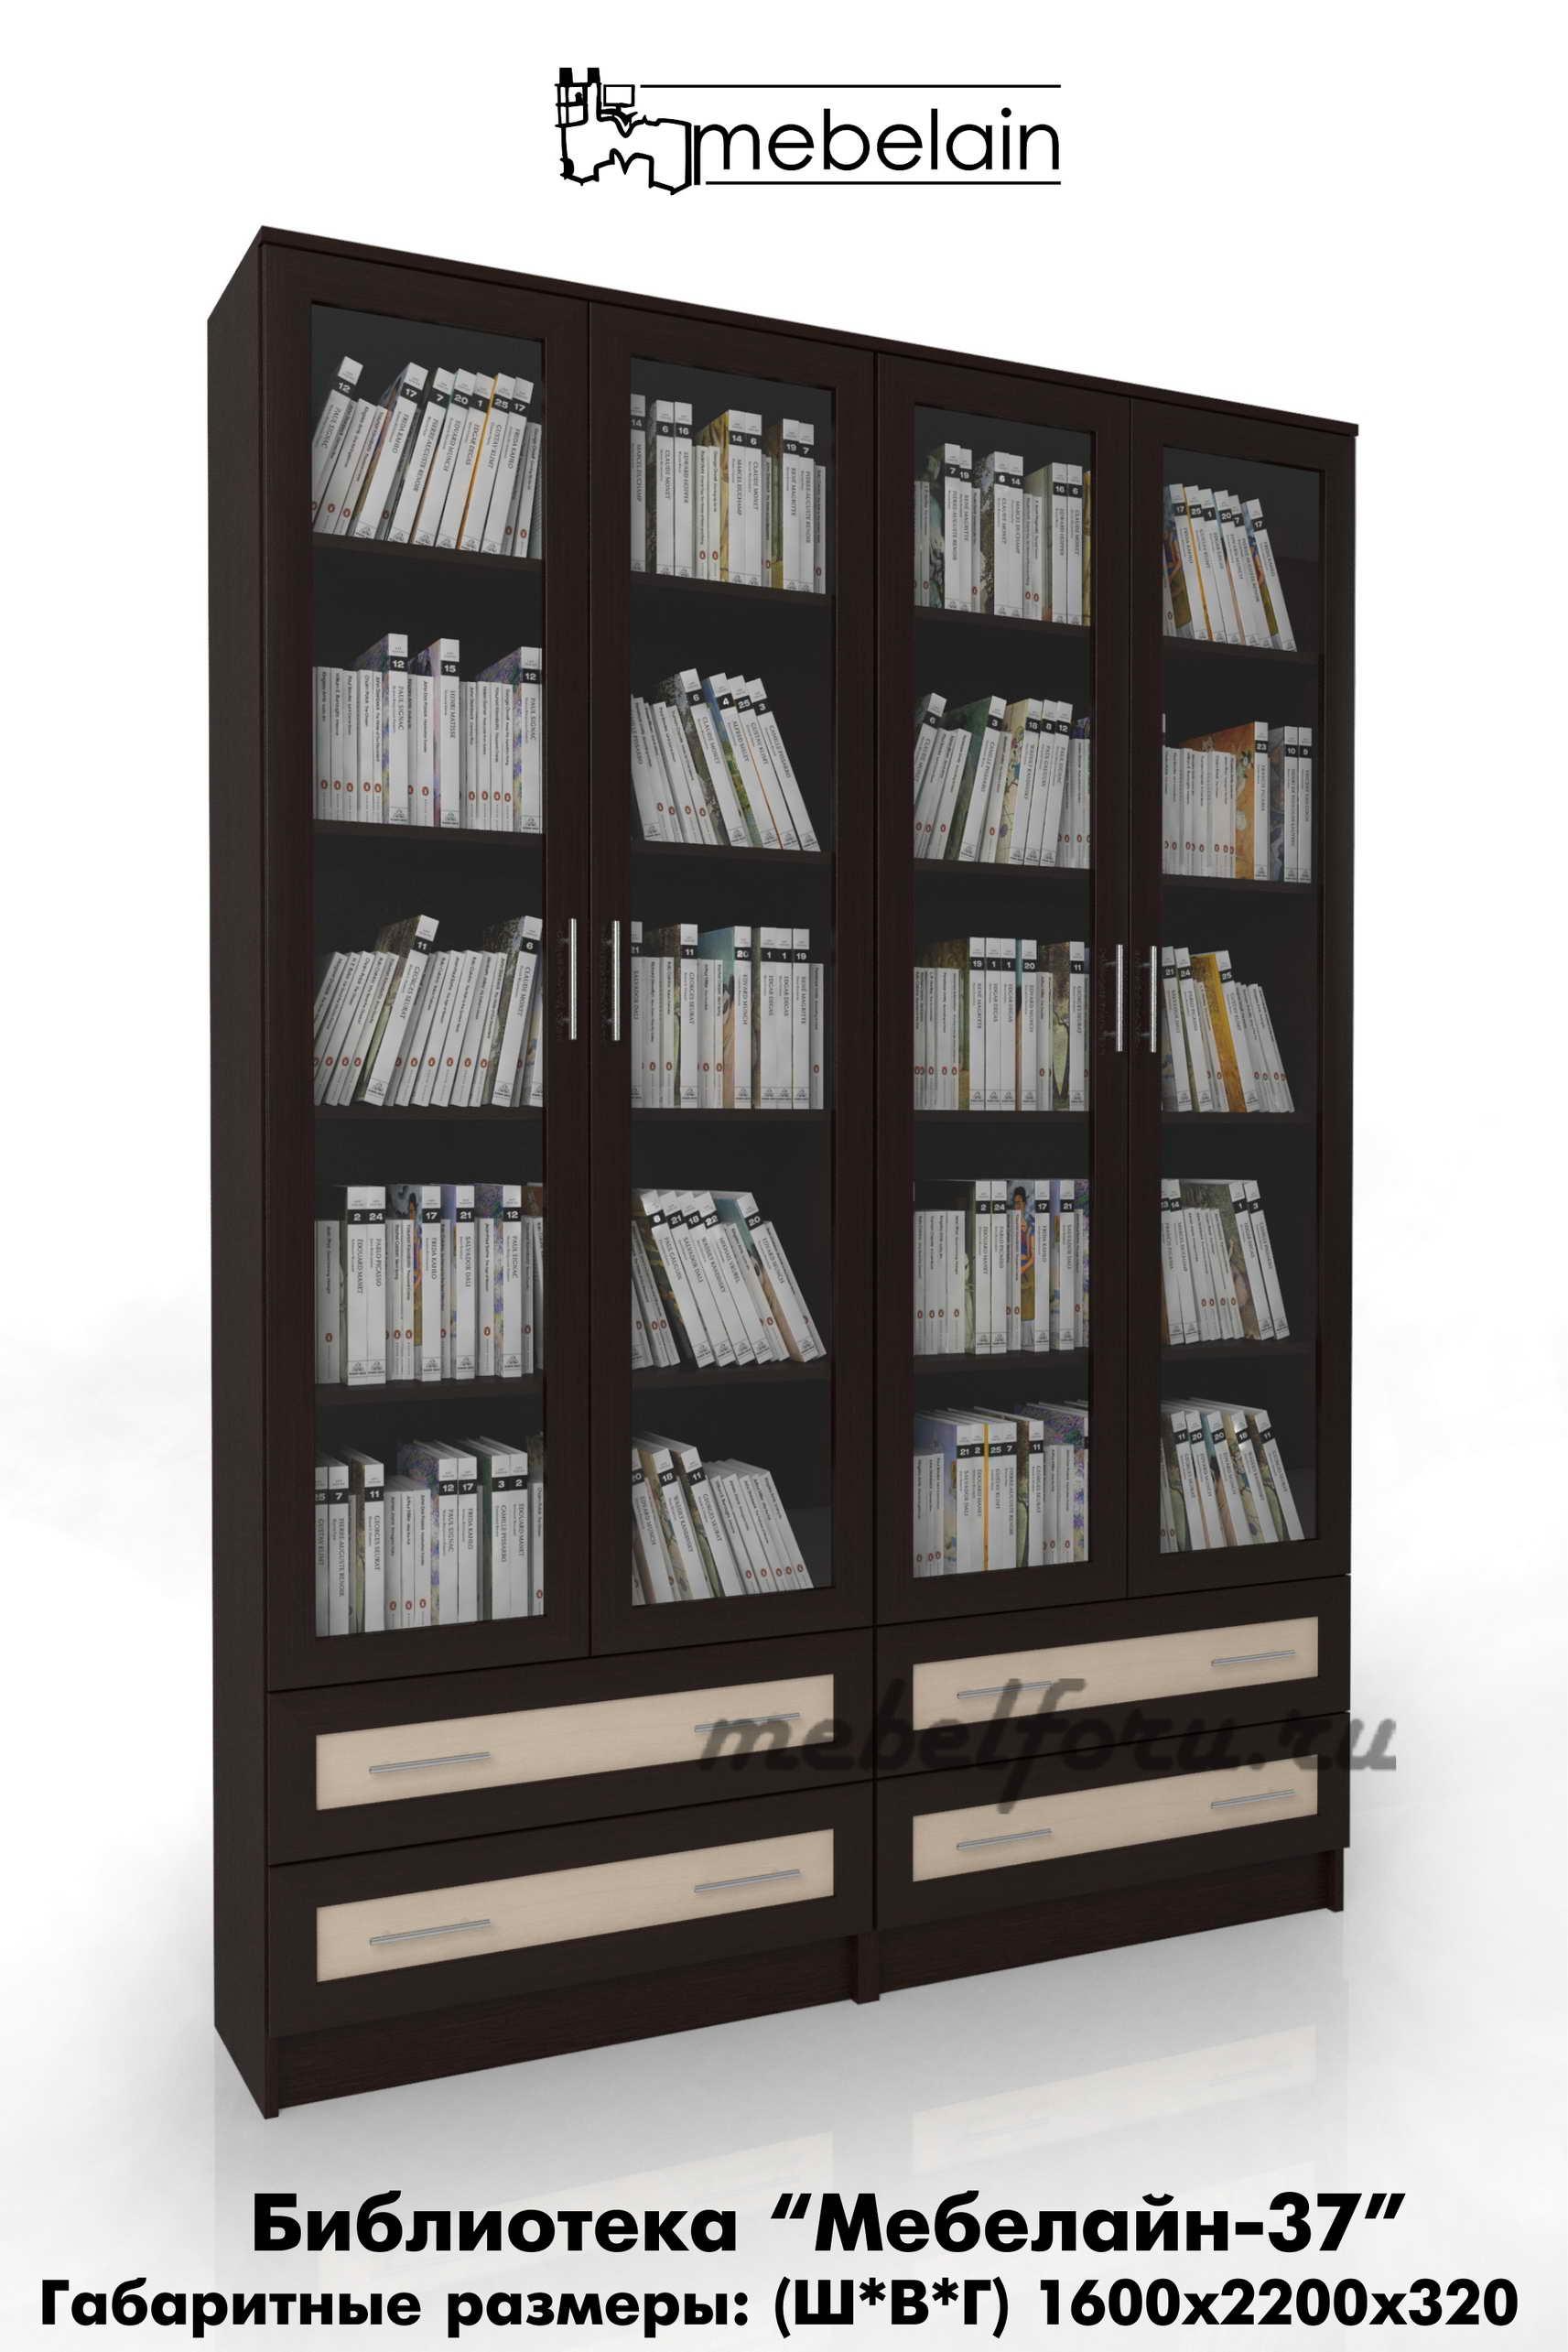 """Книжный шкаф """"библиотека мебелайн 37"""" -бесплатная доставка, ."""